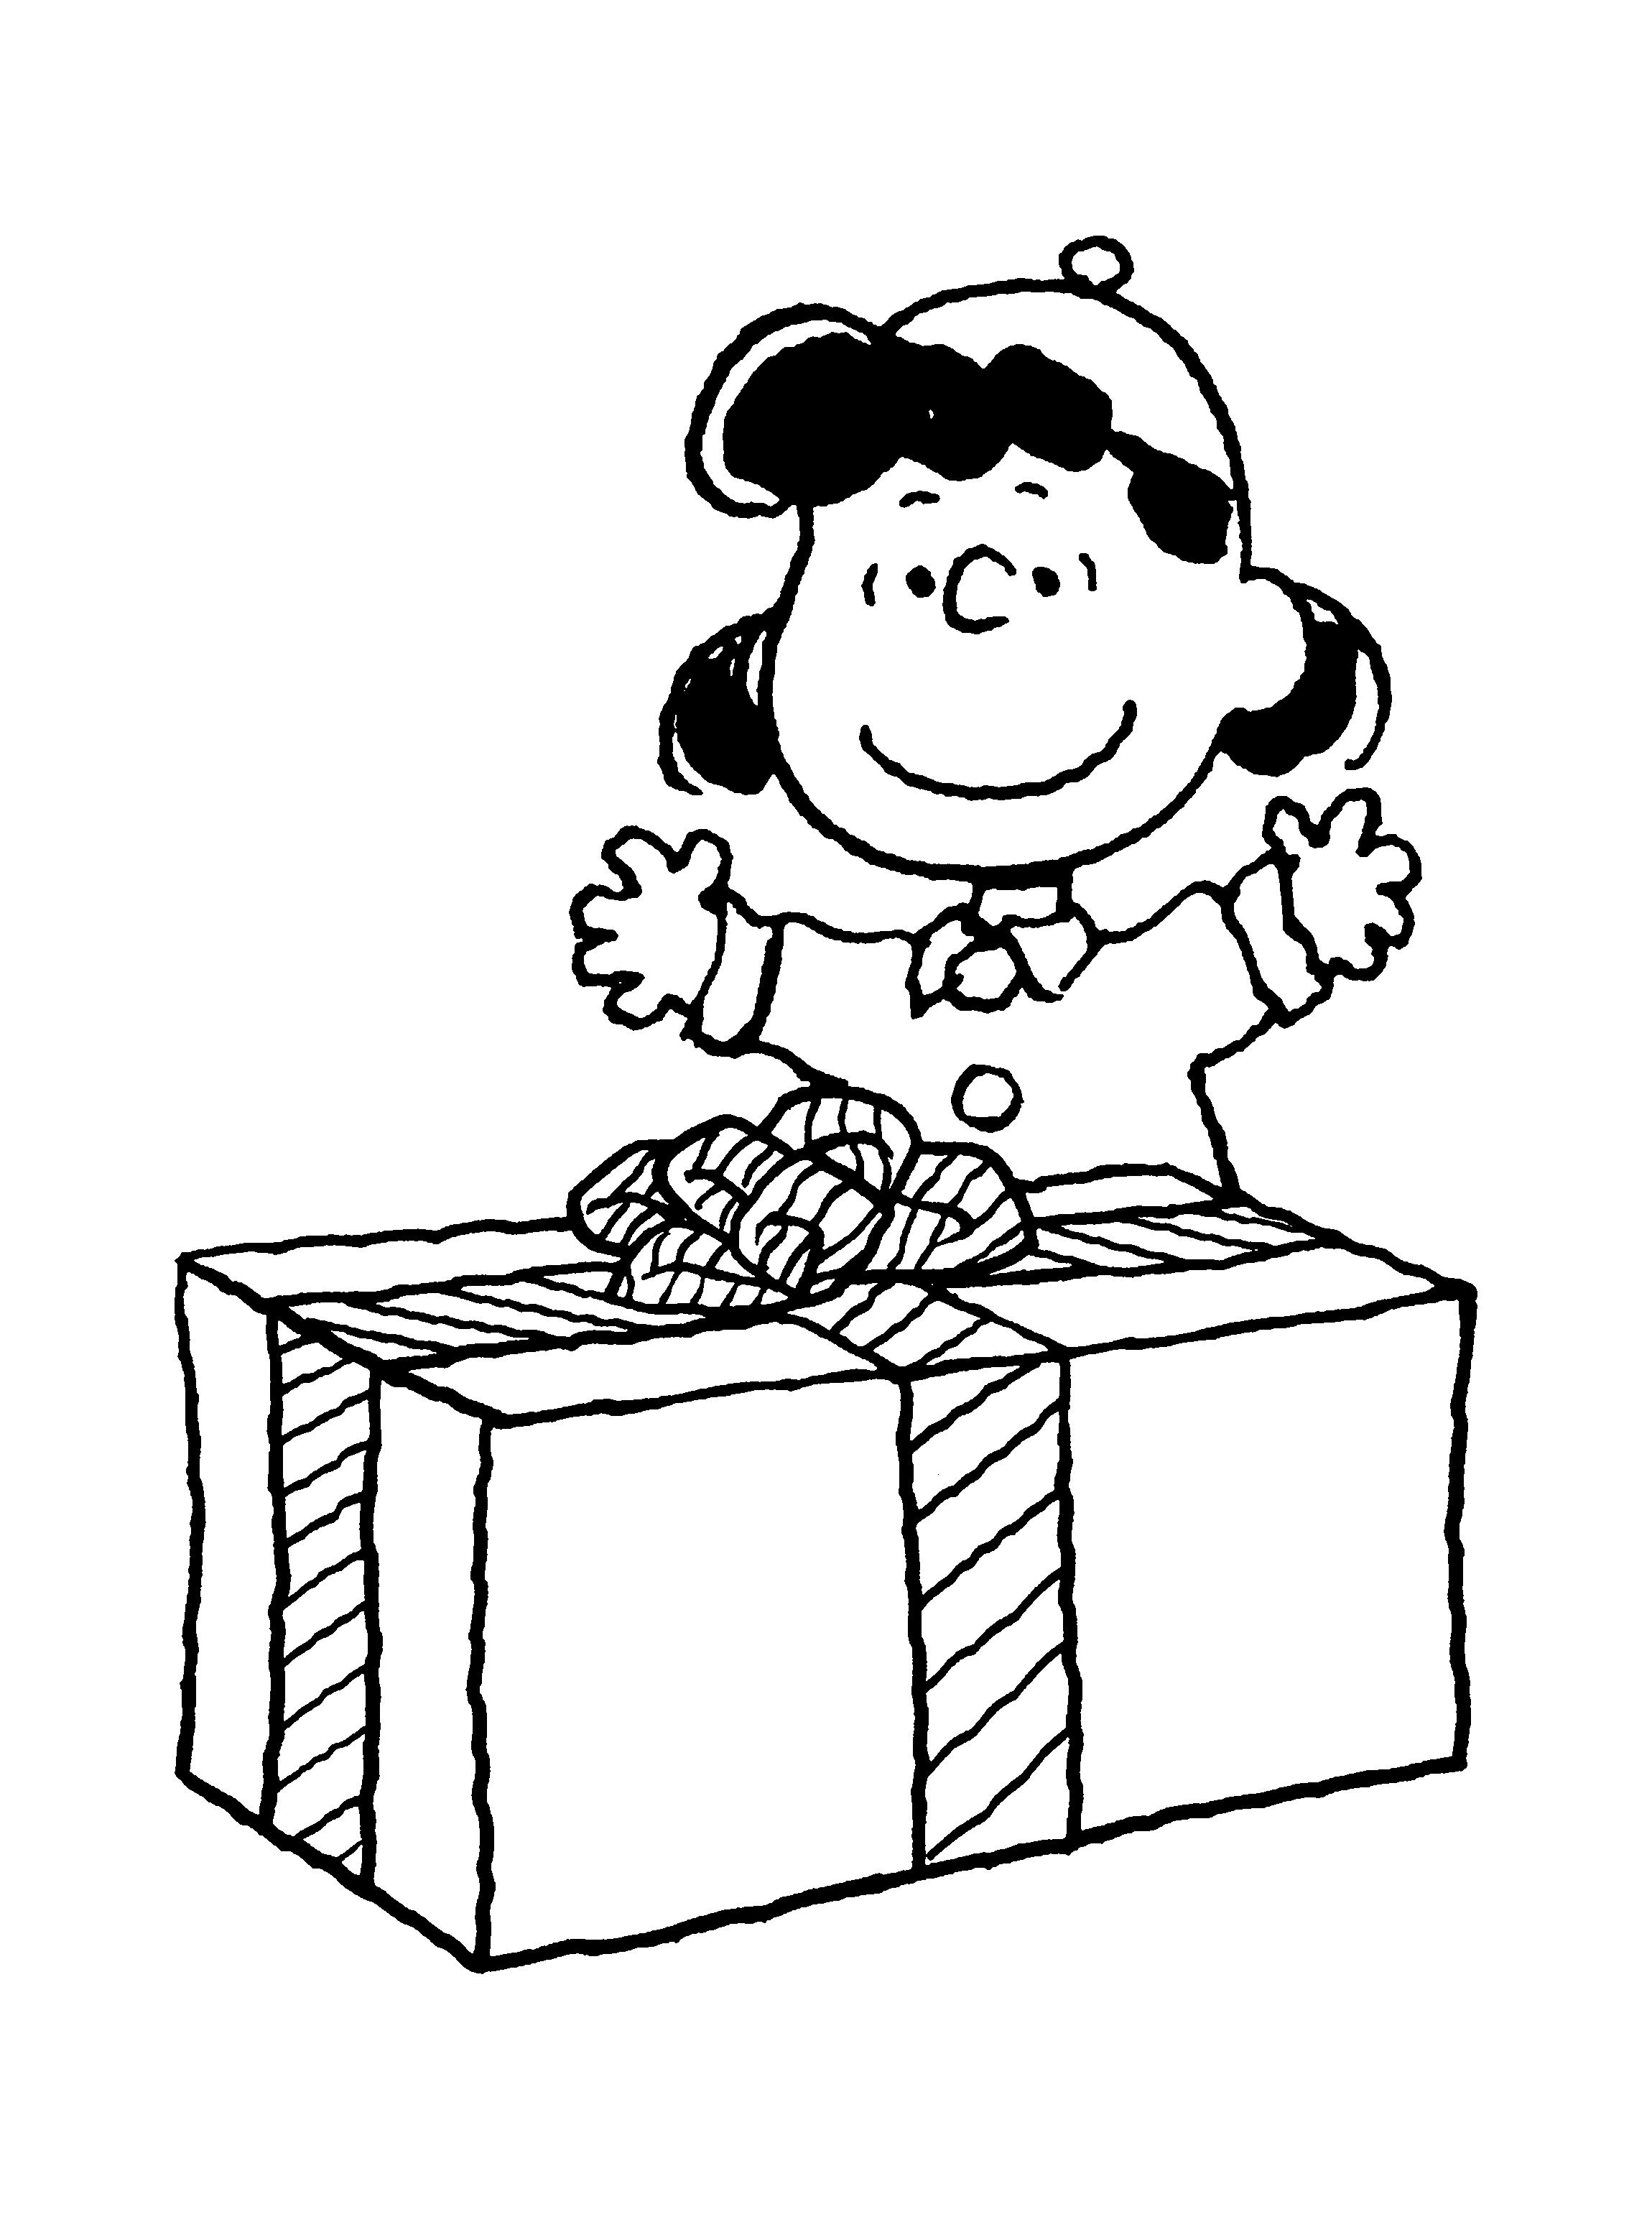 Kleurplaten Paradijs Kleurplaat Lucy Van Pelt Christmas Coloring Pages Snoopy Christmas Charlie Brown Christmas